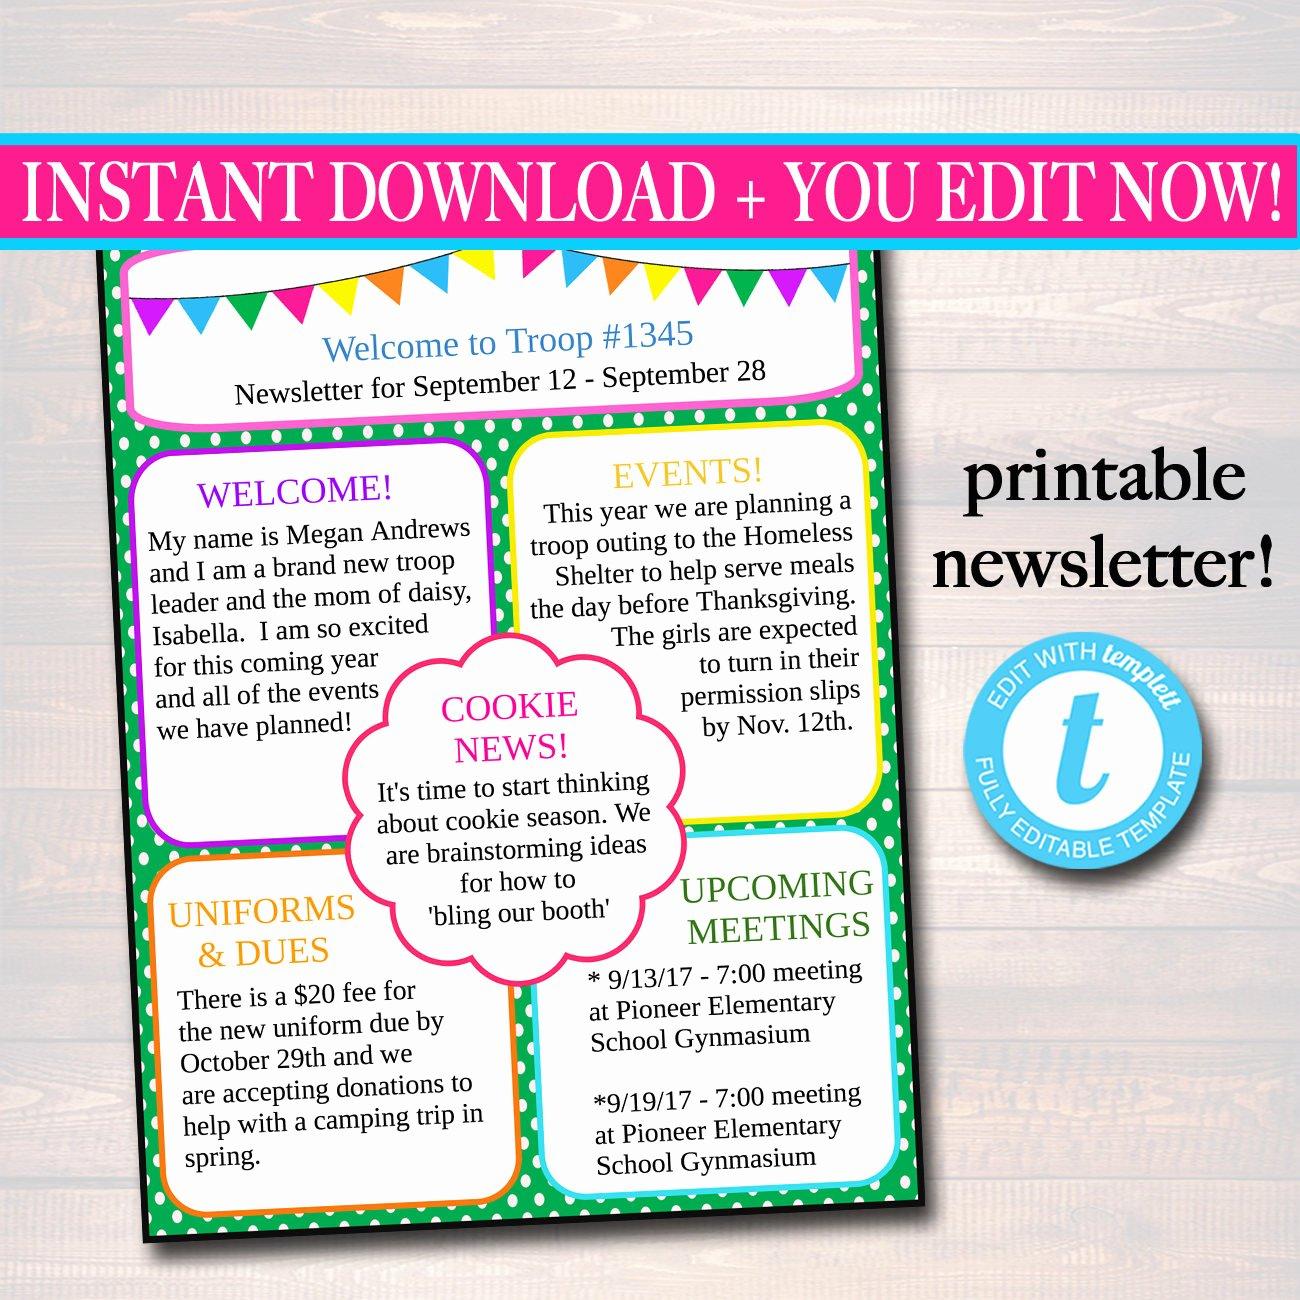 Free Editable Newsletter Templates Lovely Editable Newsletter Template Instant Download Teacher